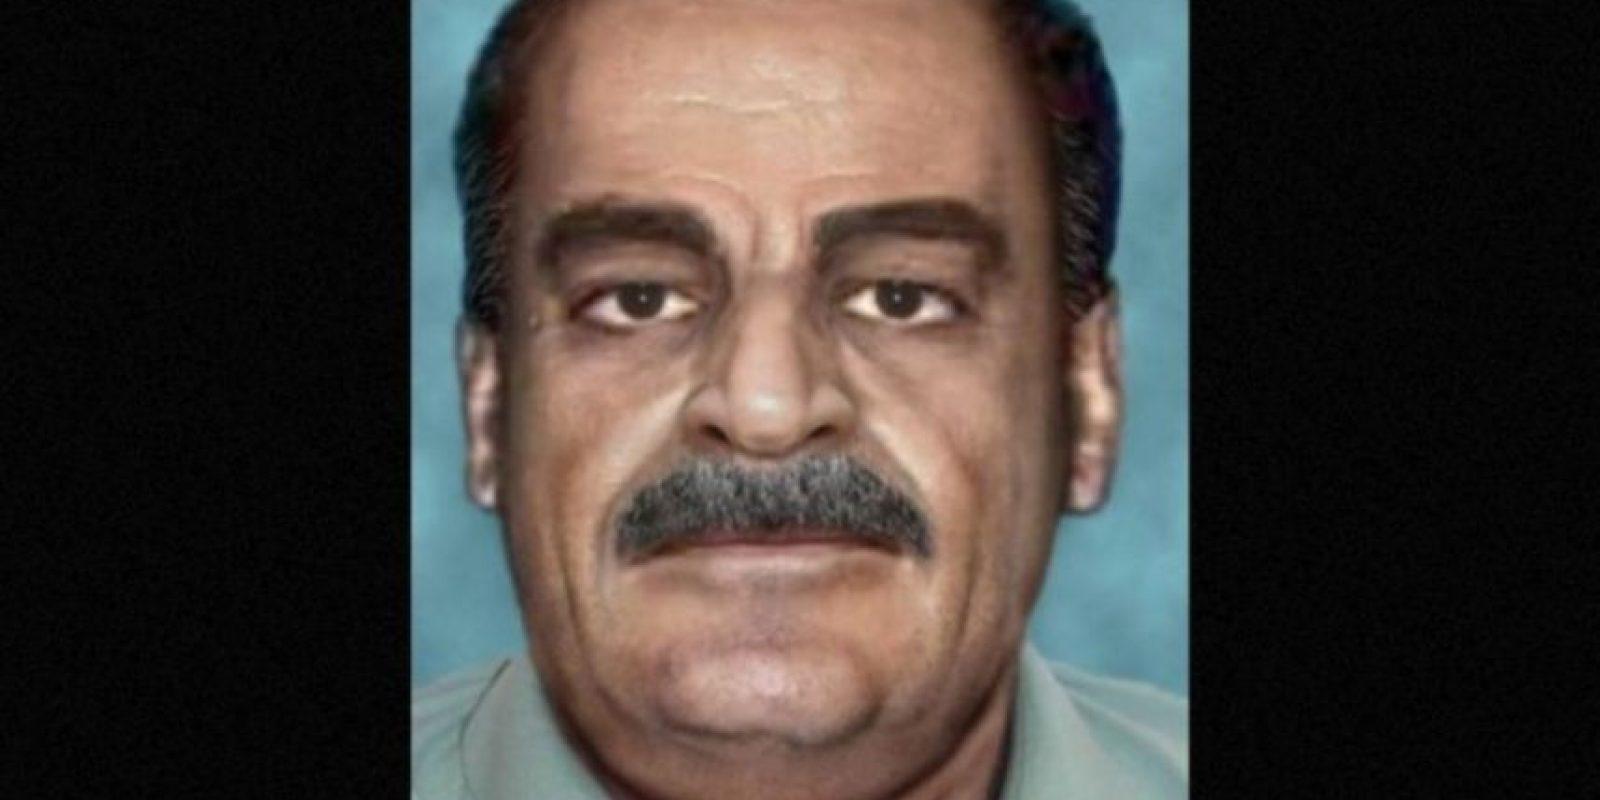 Originario de Egipto, es buscado por el asesinato de sus dos hijas adolescentes en 2008 Foto:fbi.gov/wanted/topten